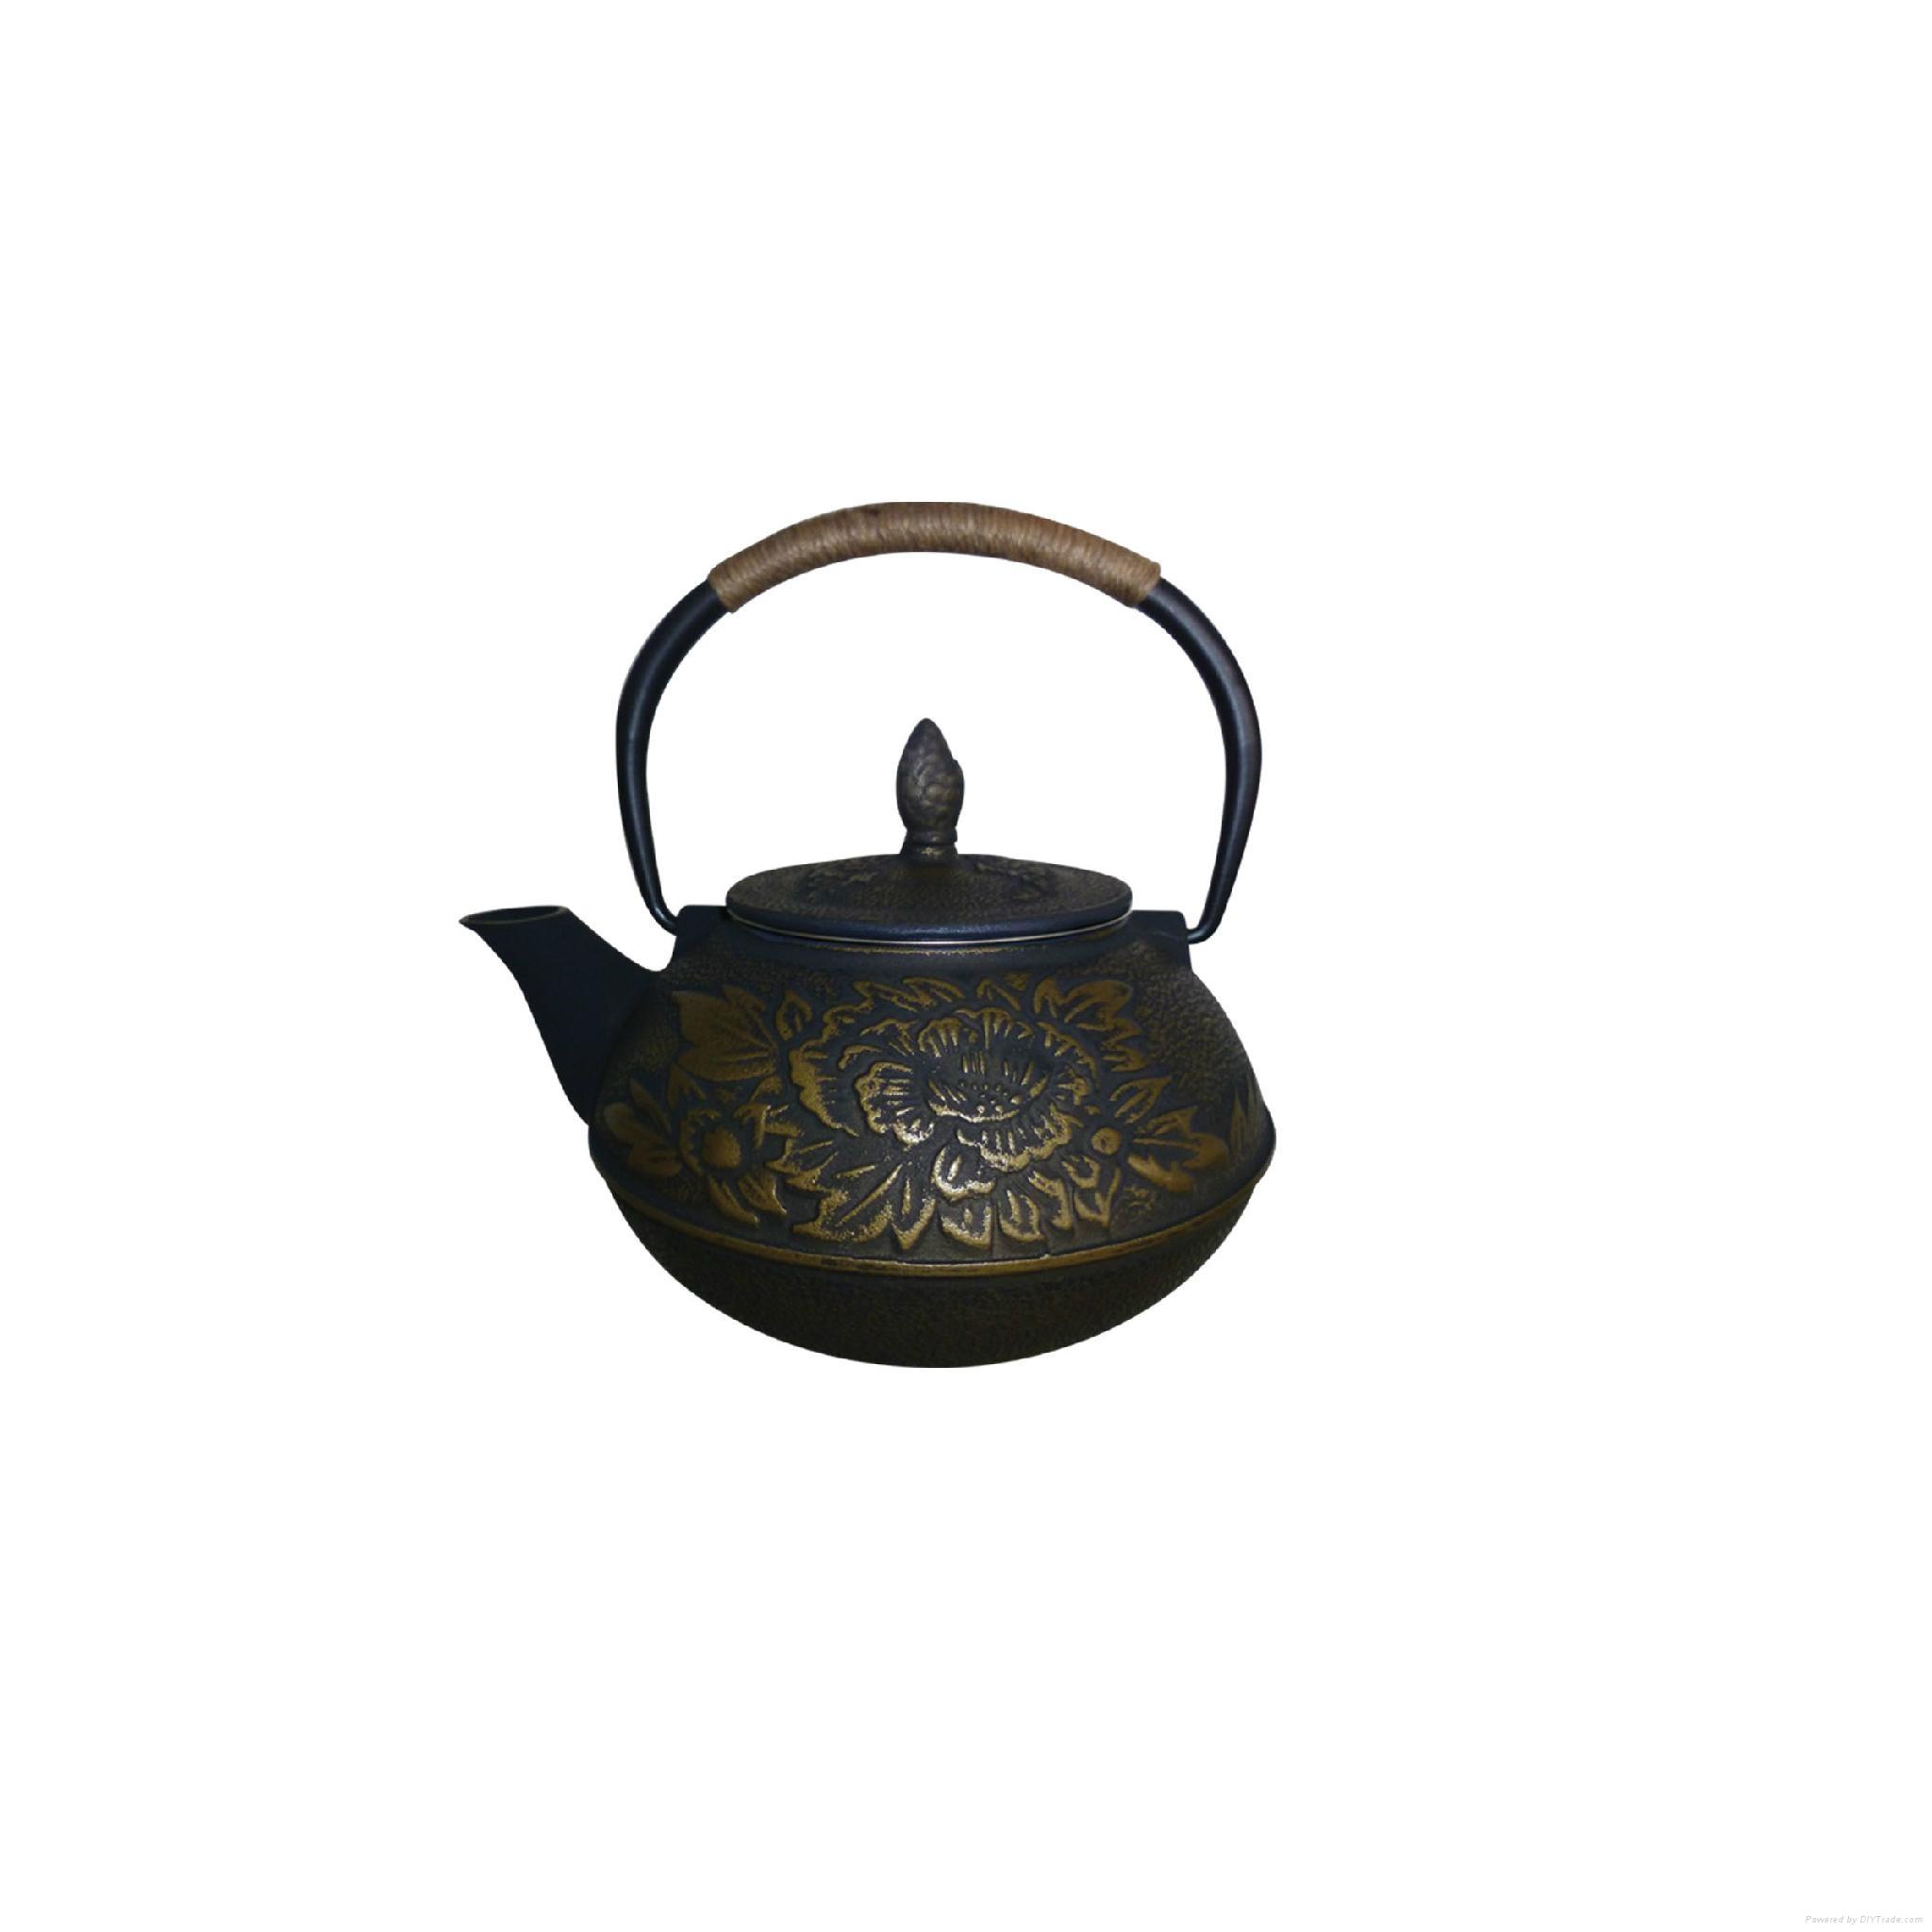 Antique Cast Iron Teapot 1